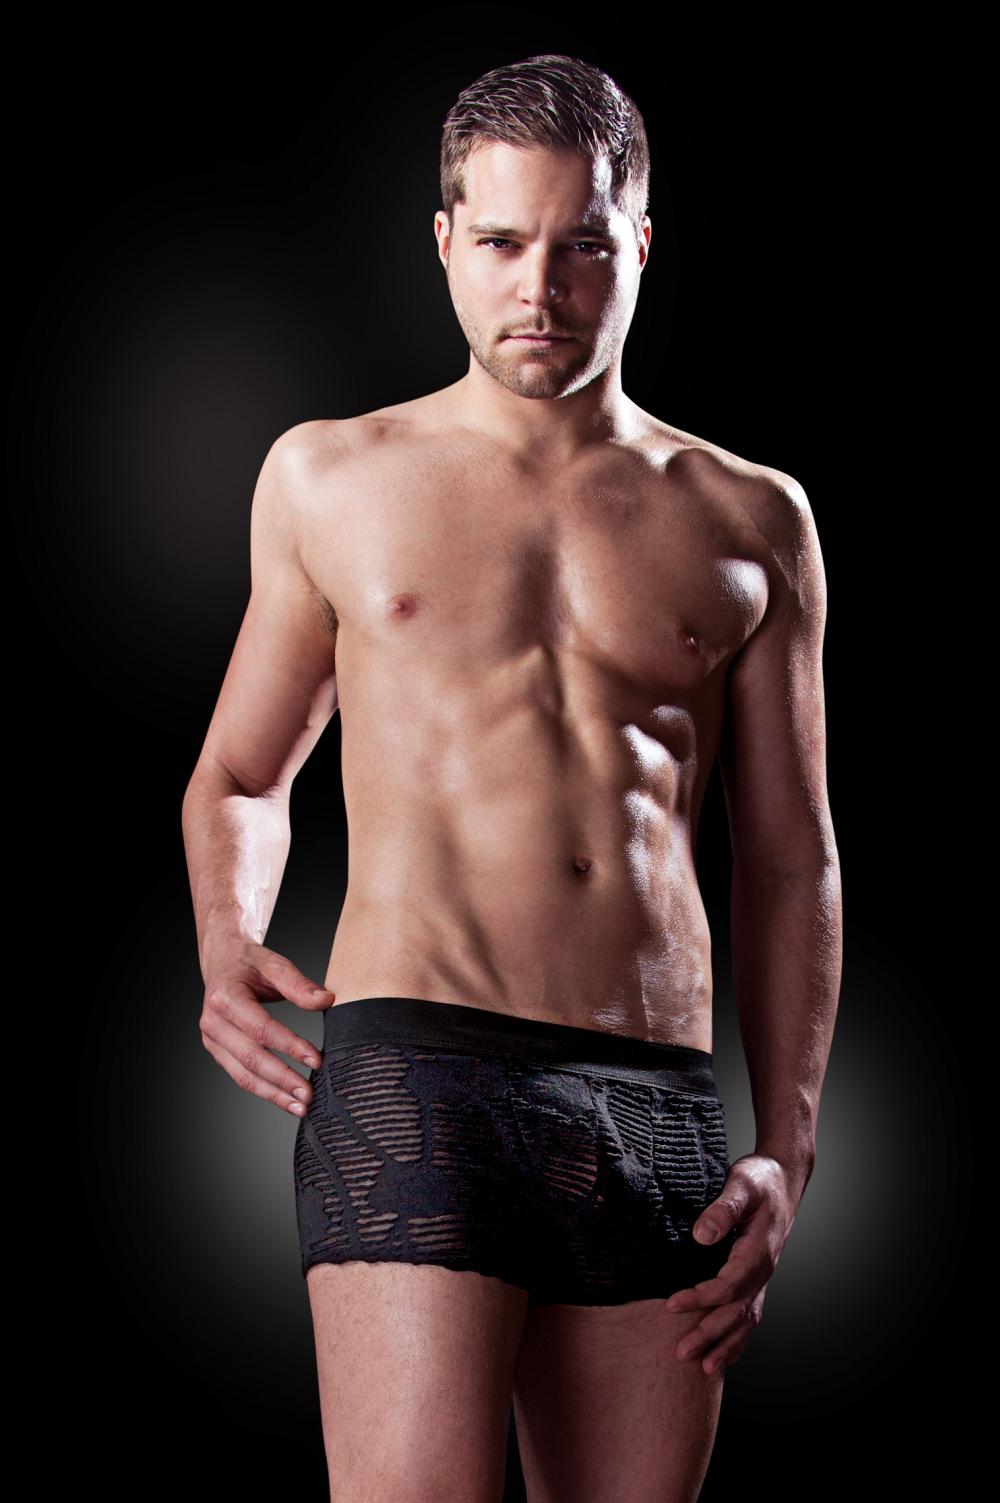 Фетиш мужское белье 2 фотография